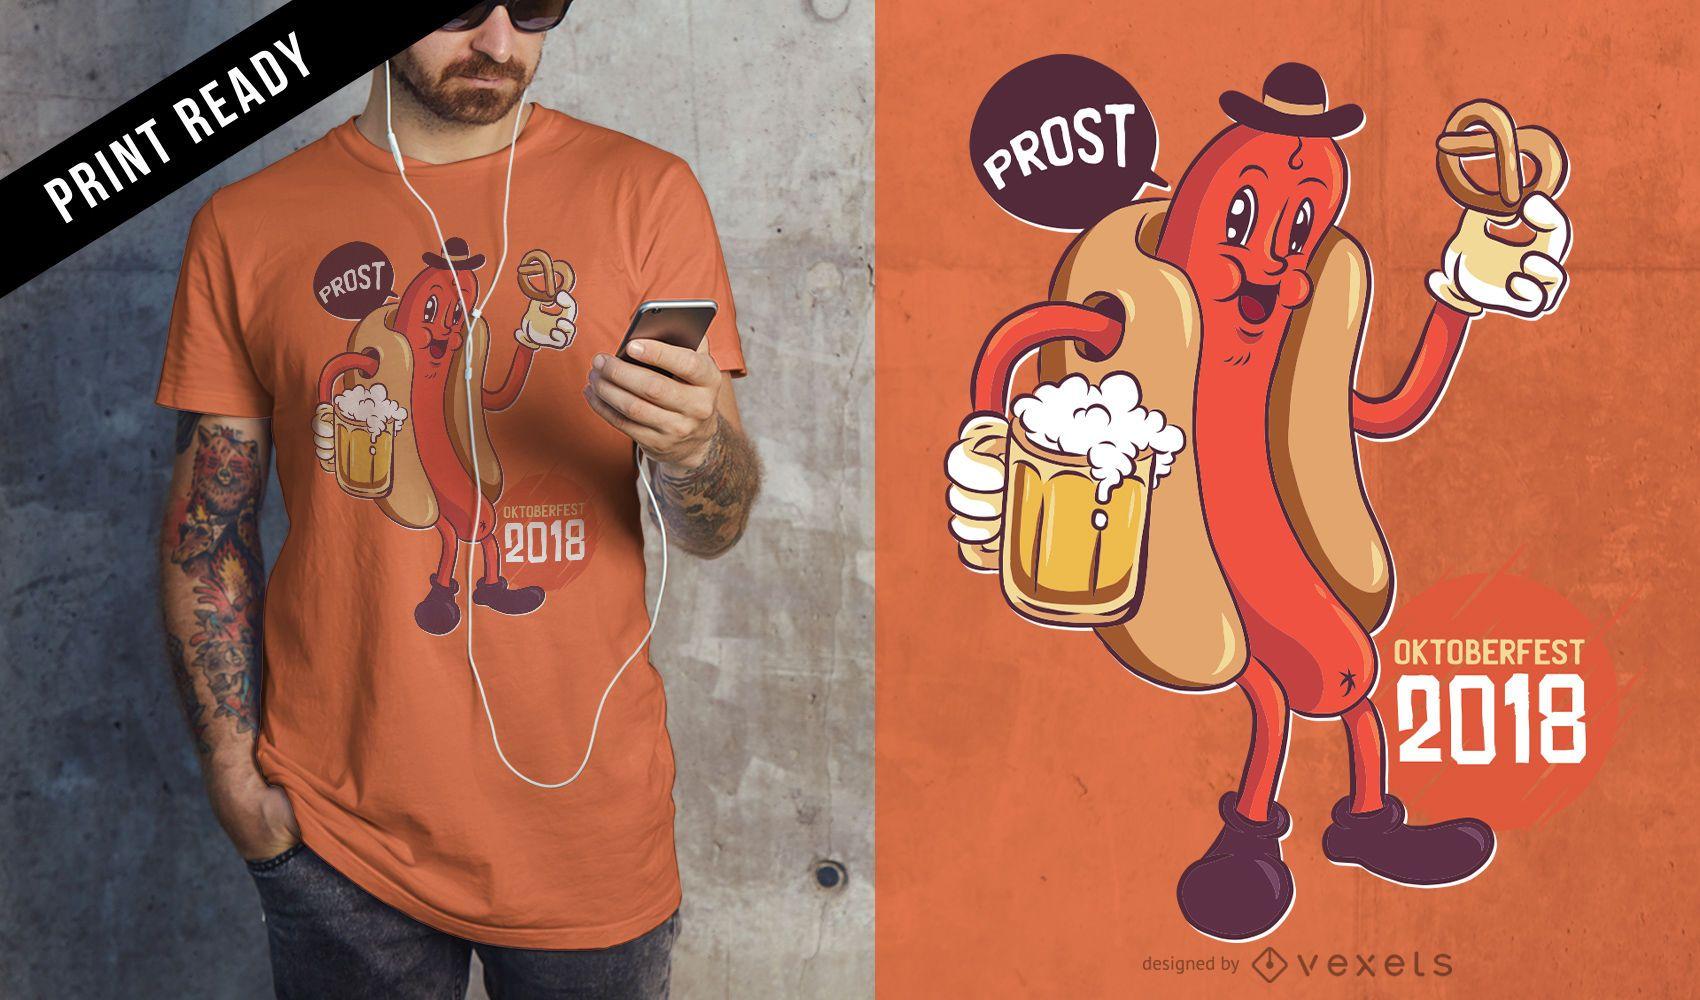 Oktoberfest 2018 Trinken Essen Wurst Wiener Cartoon T-Shirt Design